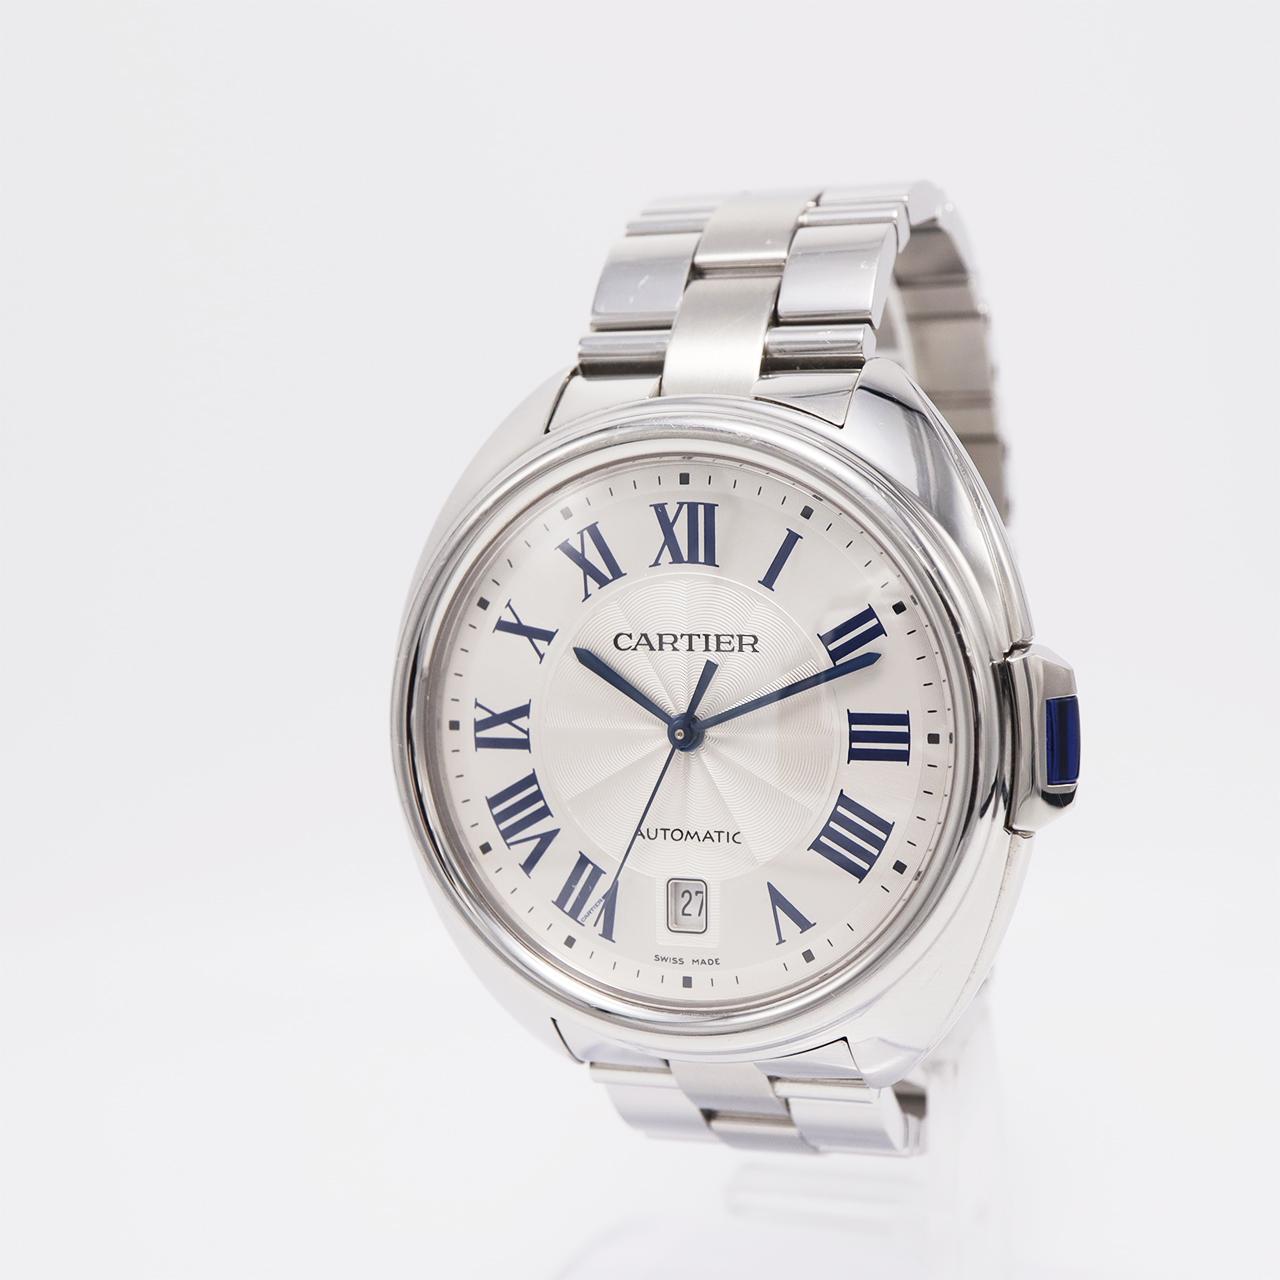 カルティエはアクセサリーのイメージが強いが時計は高く売れる??